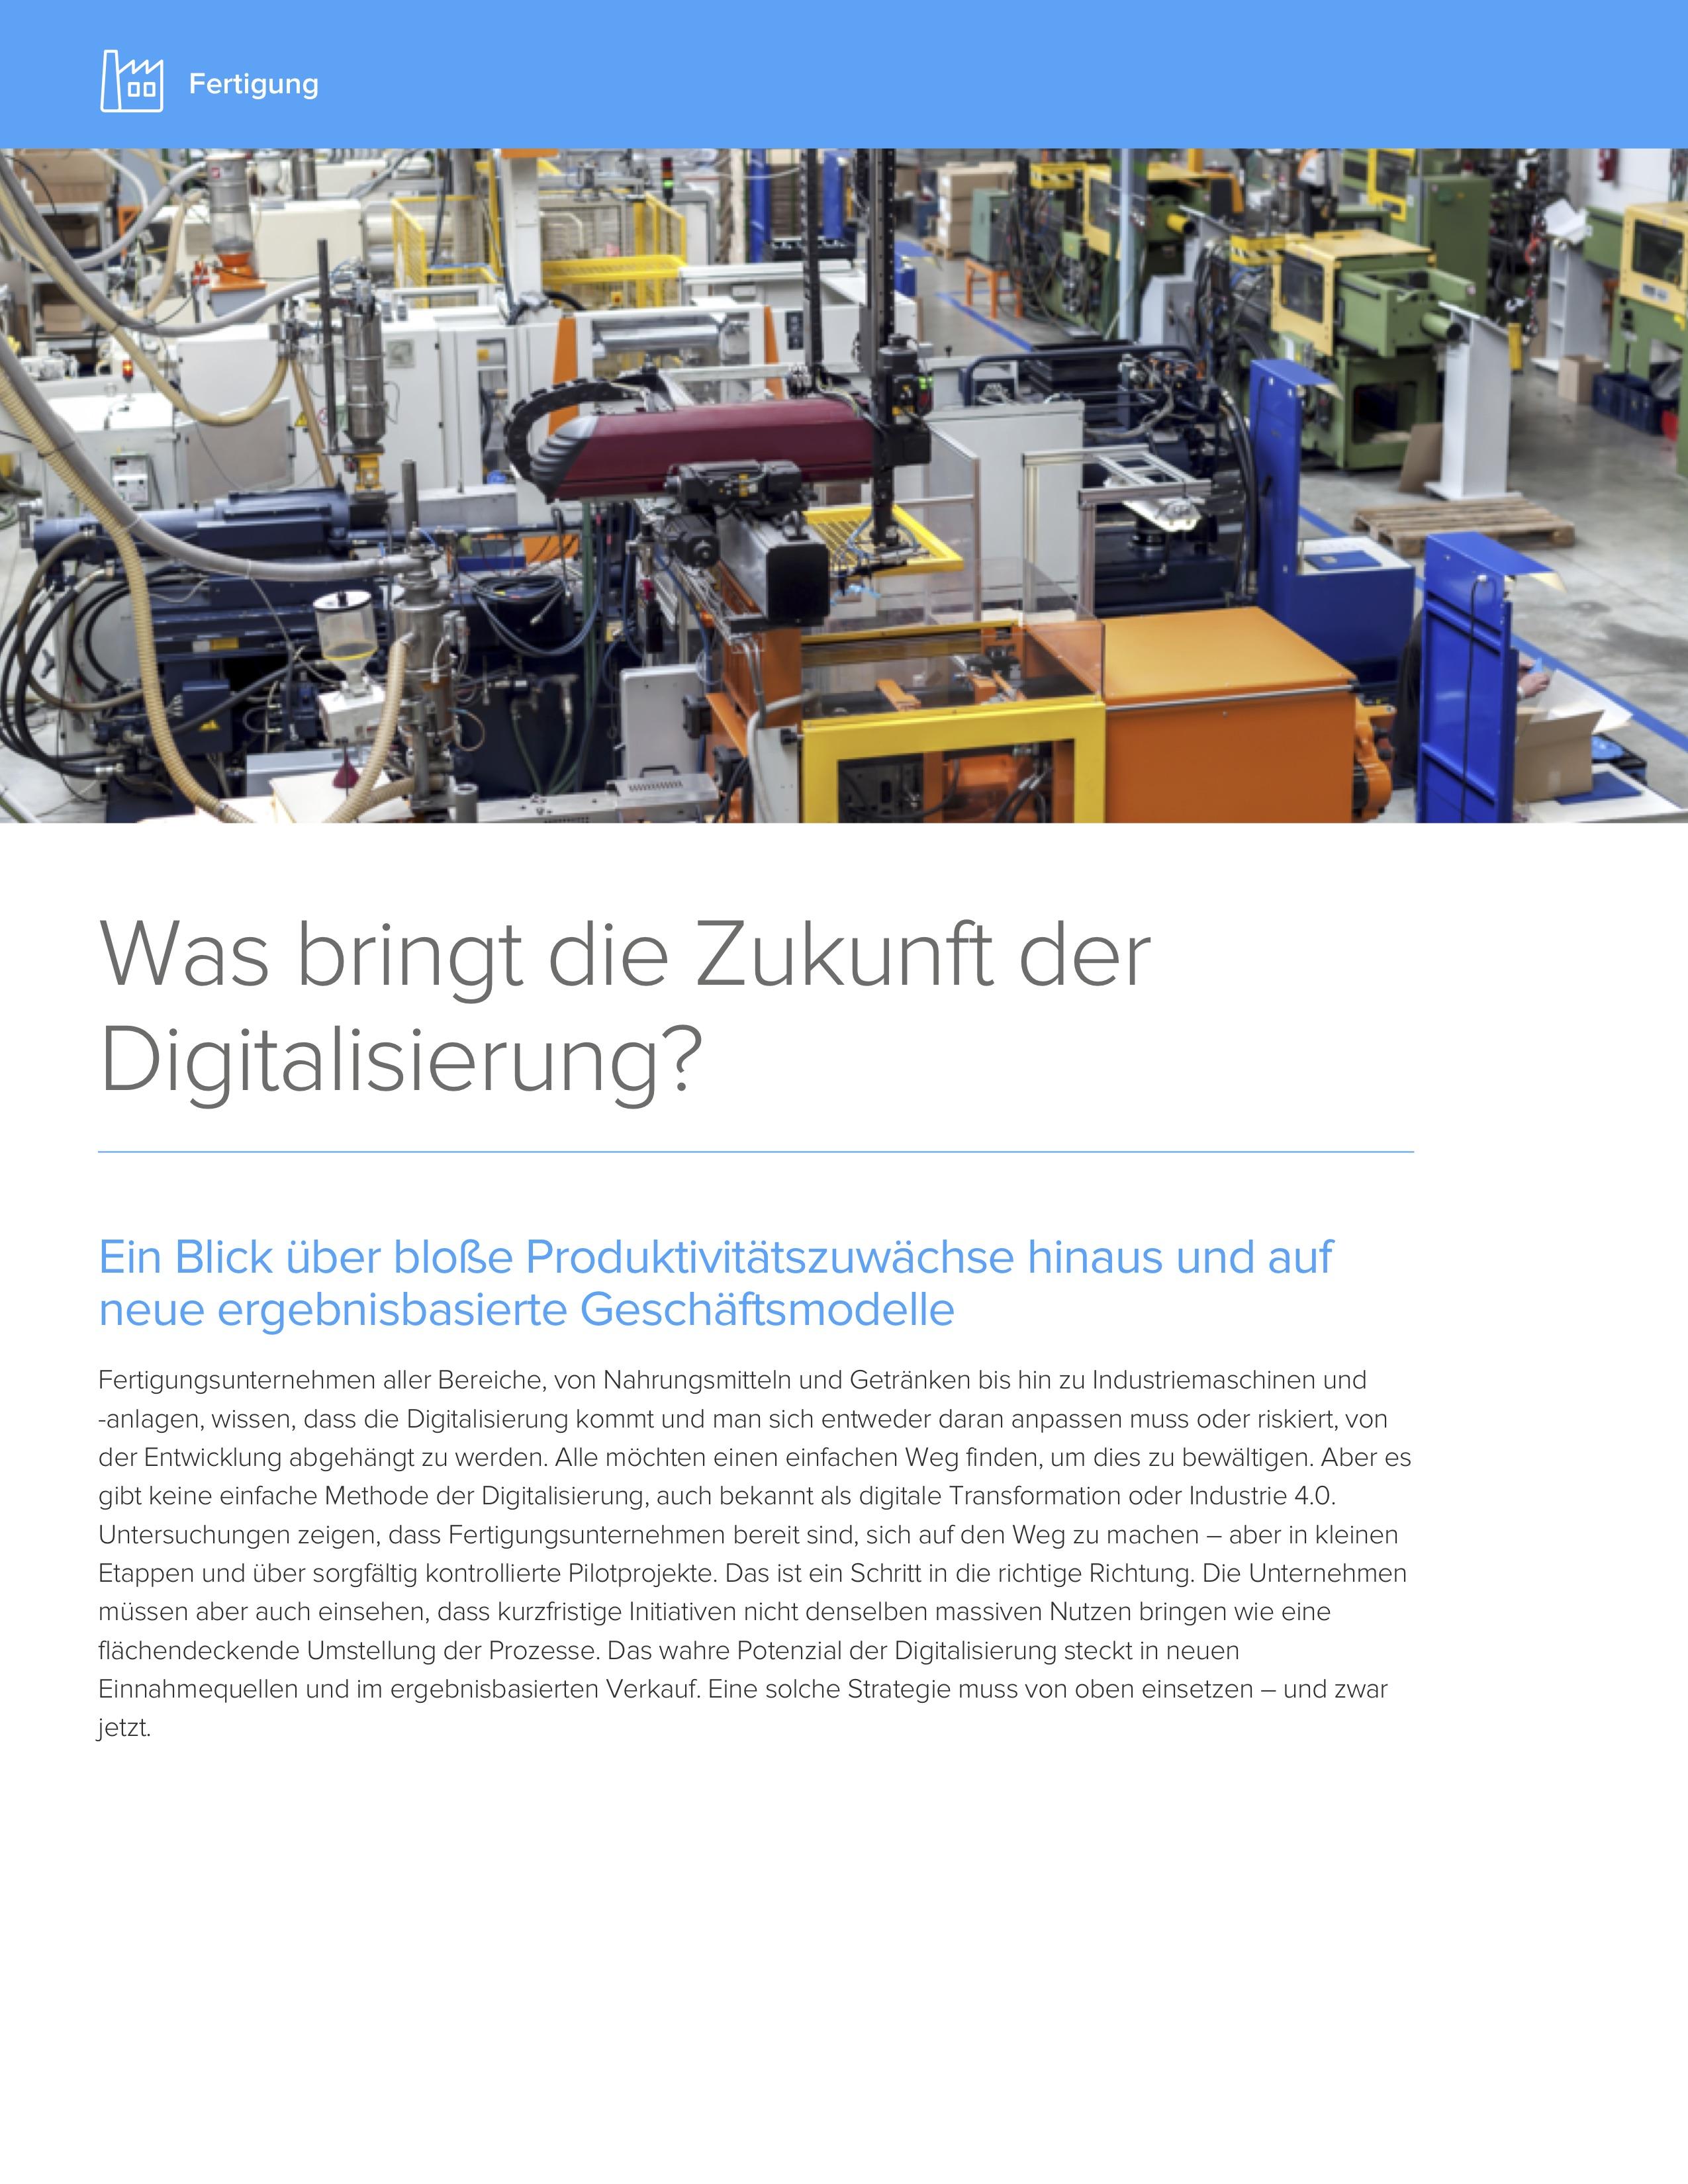 Was bring die zukunft der digitalisierungcover